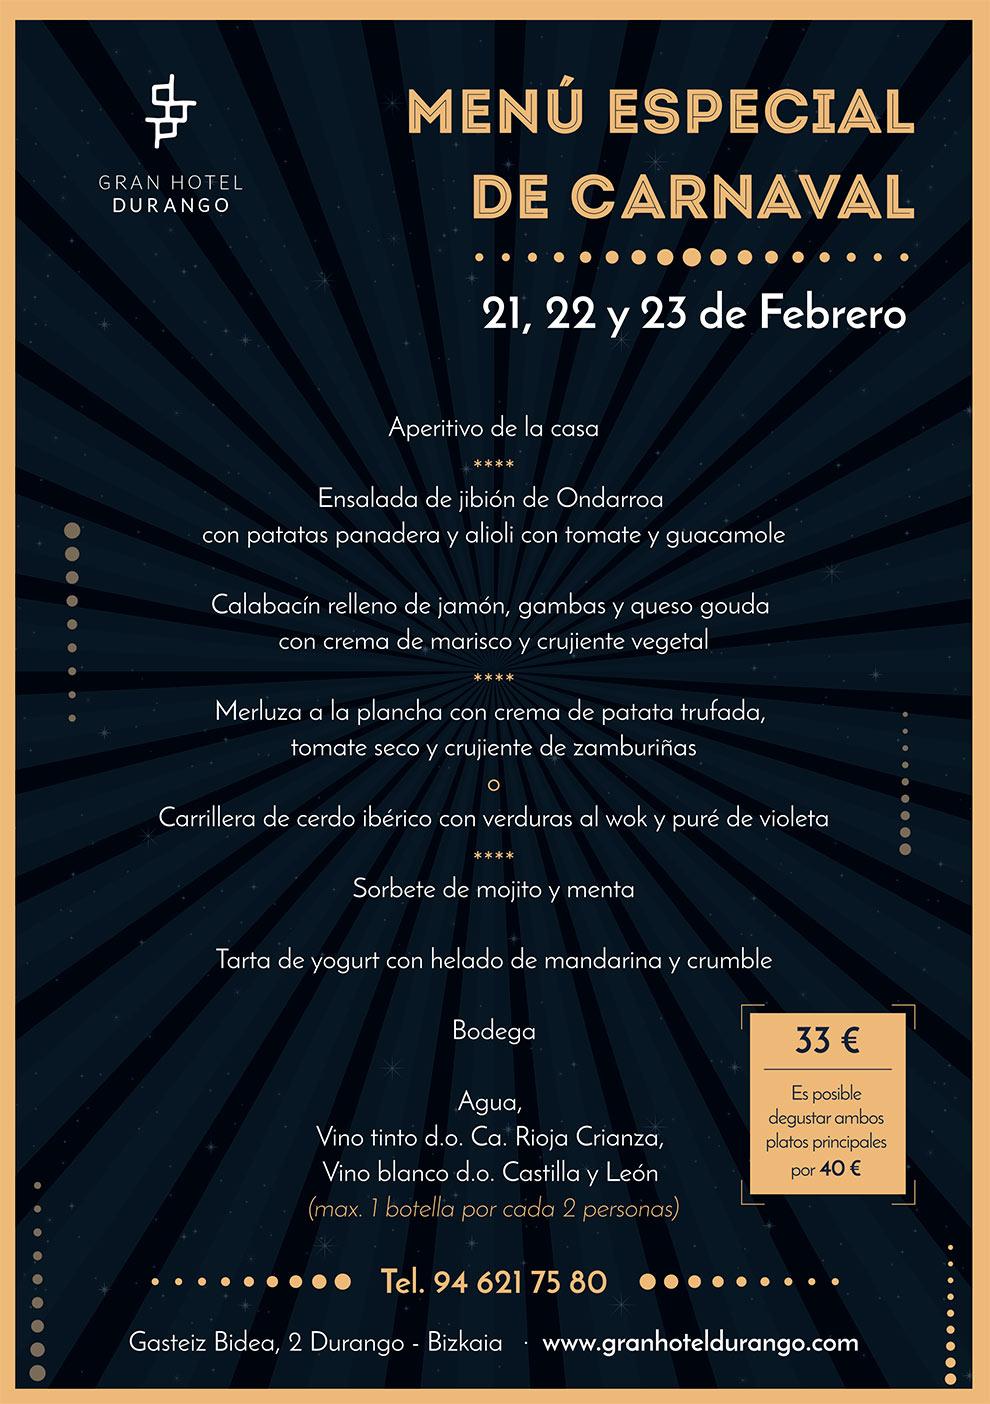 menú carnavales 2020 en Durango, ven a nuestro restaurante a celebrar los Carnavales de Durango